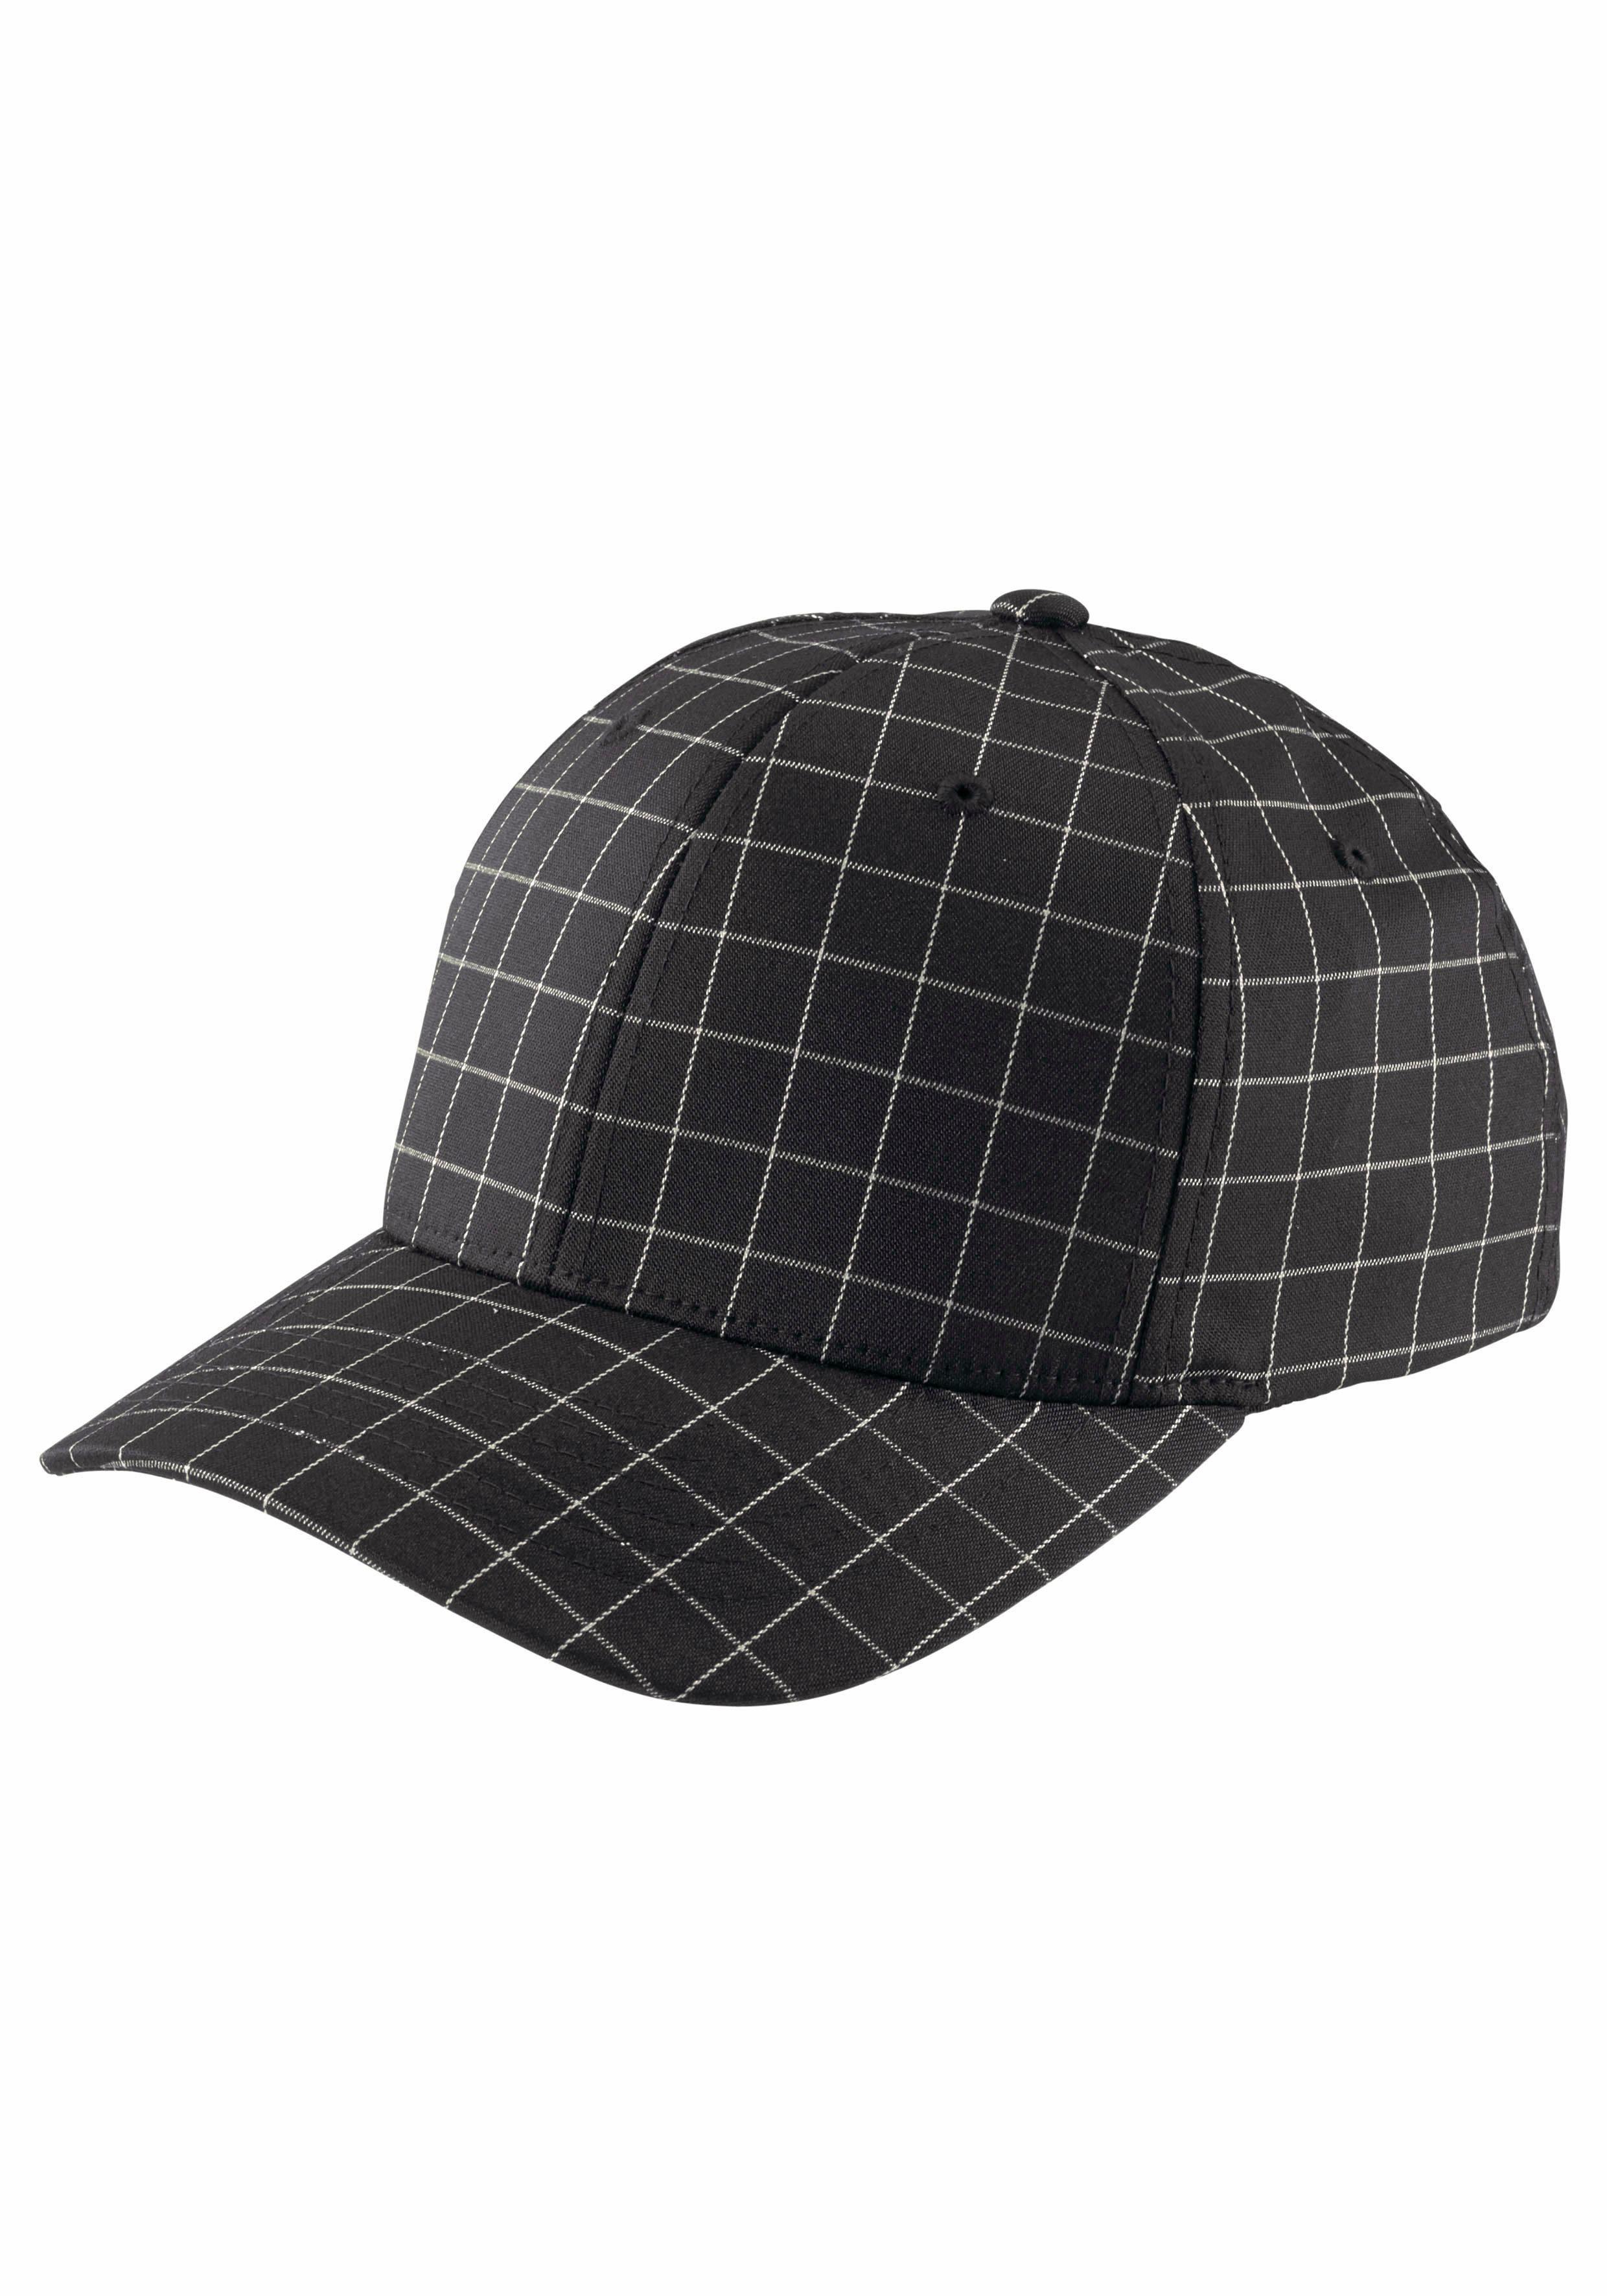 Flexfit Baseball Cap, Flexfit